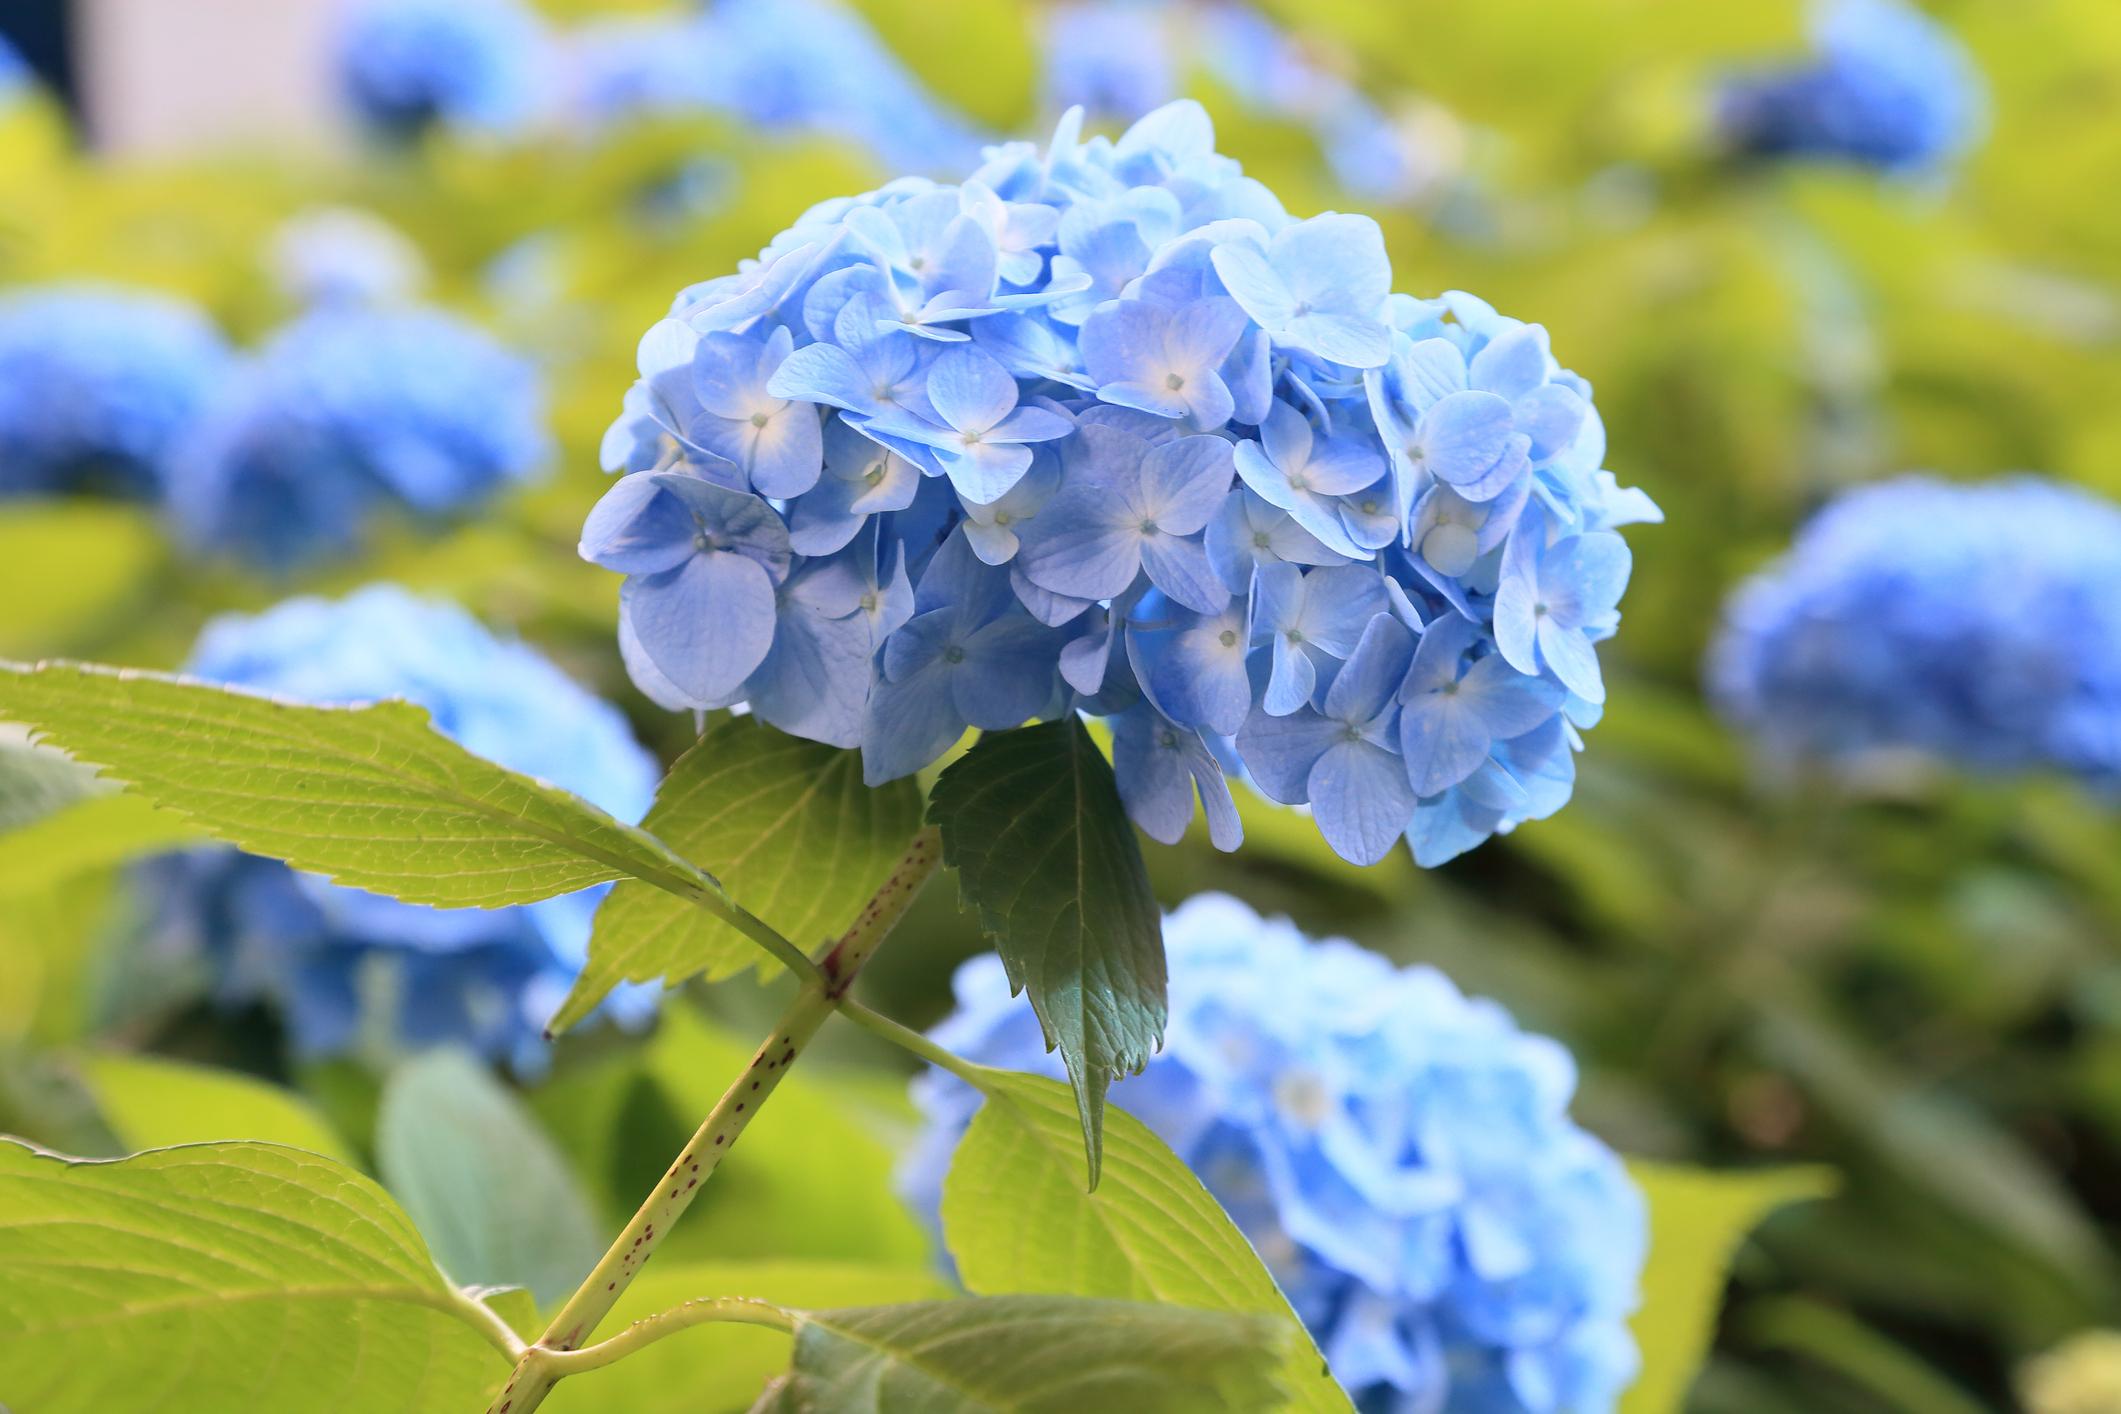 ちょうど母の日前くらいから6月にかけてアジサイの生花や鉢物が出回ります。  アジサイは落葉低木の植物で、英名はハイドランジアと言います。ハイドランジアとは、ラテン語でお水の器という意味。そのくらいお水が好きな植物です。和名ちょうど母の日前くらいから6月にかけてアジサイの生花や鉢物が出回ります。のあじさいは、集「あづ」真藍「さあい」あおいろがあつまる からきているとのこと。